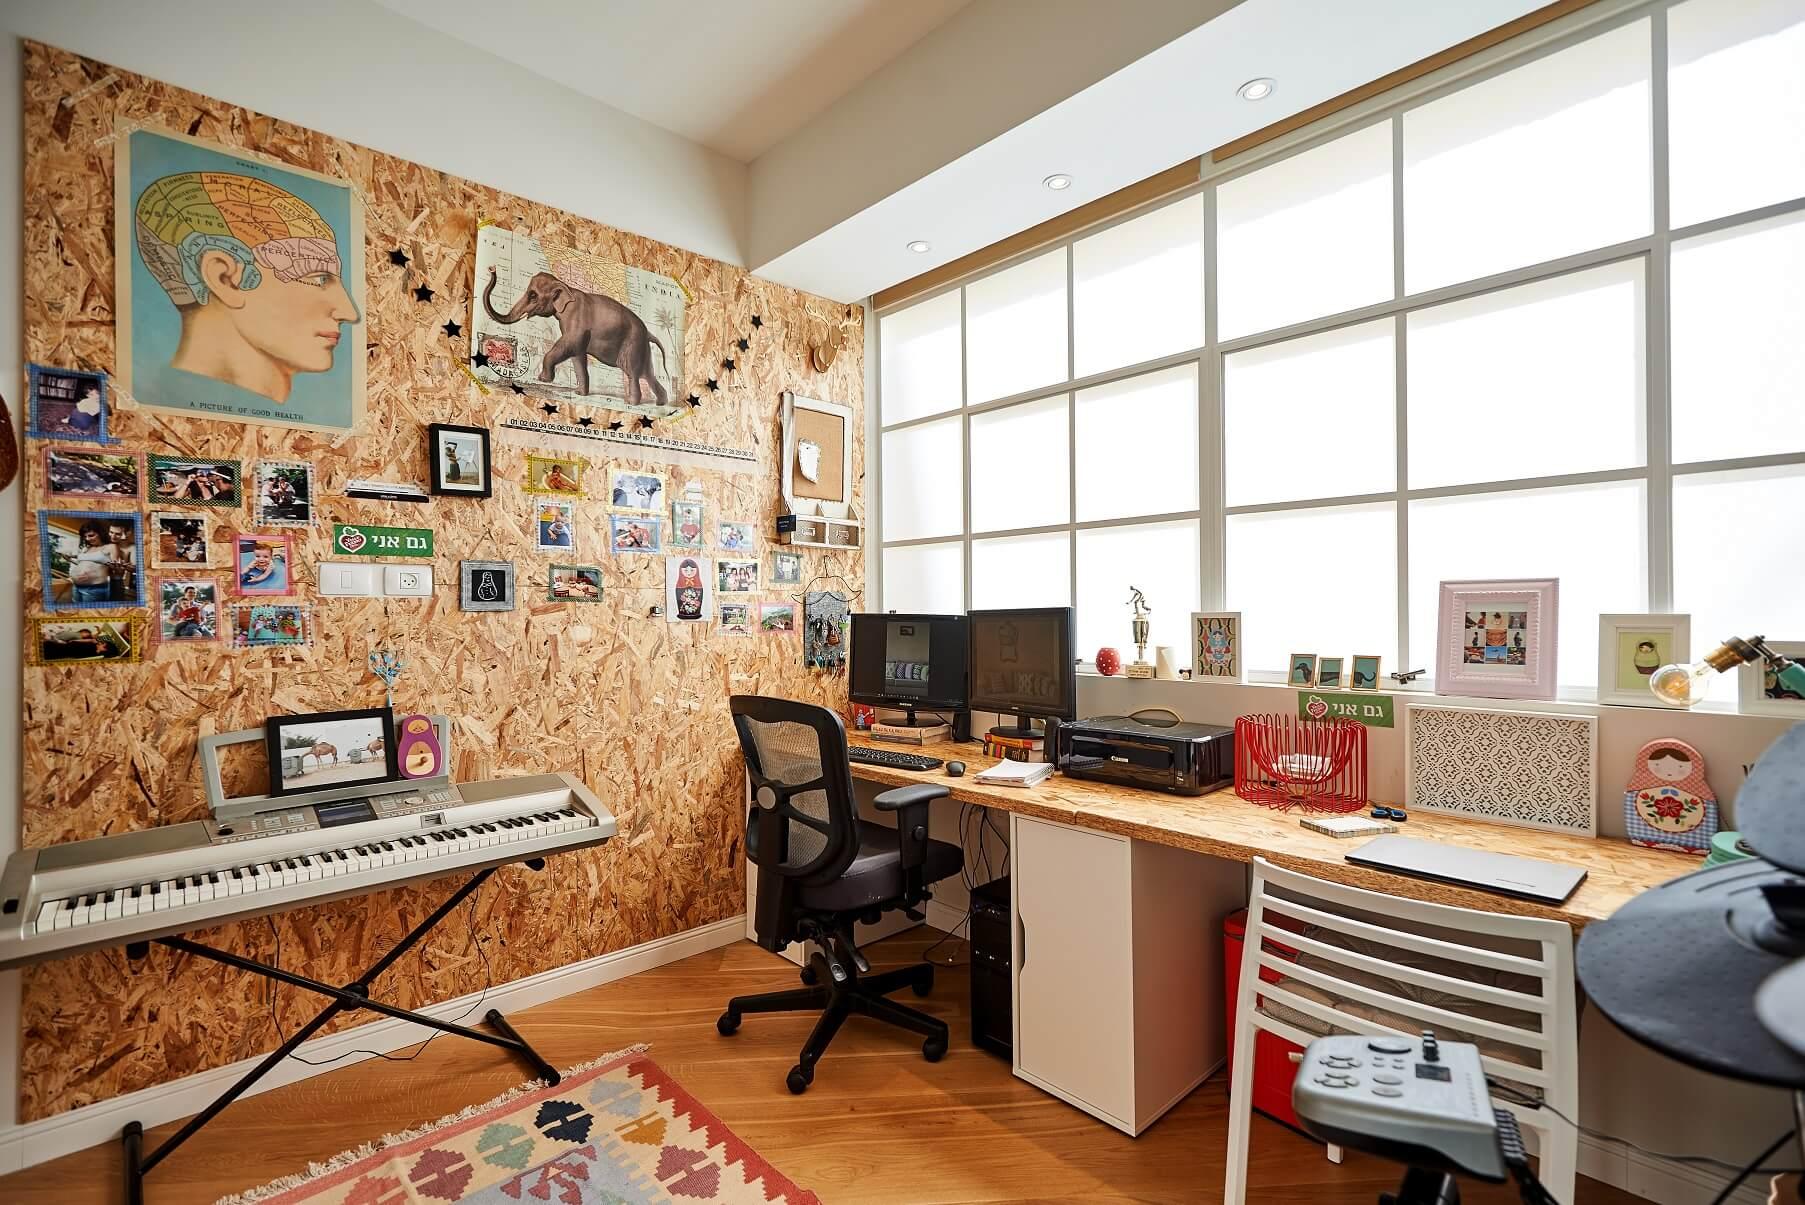 חדר העבודה והמוזיקה בדירה של טל מידן, דירתי-לי, צילום: סיגל סבן